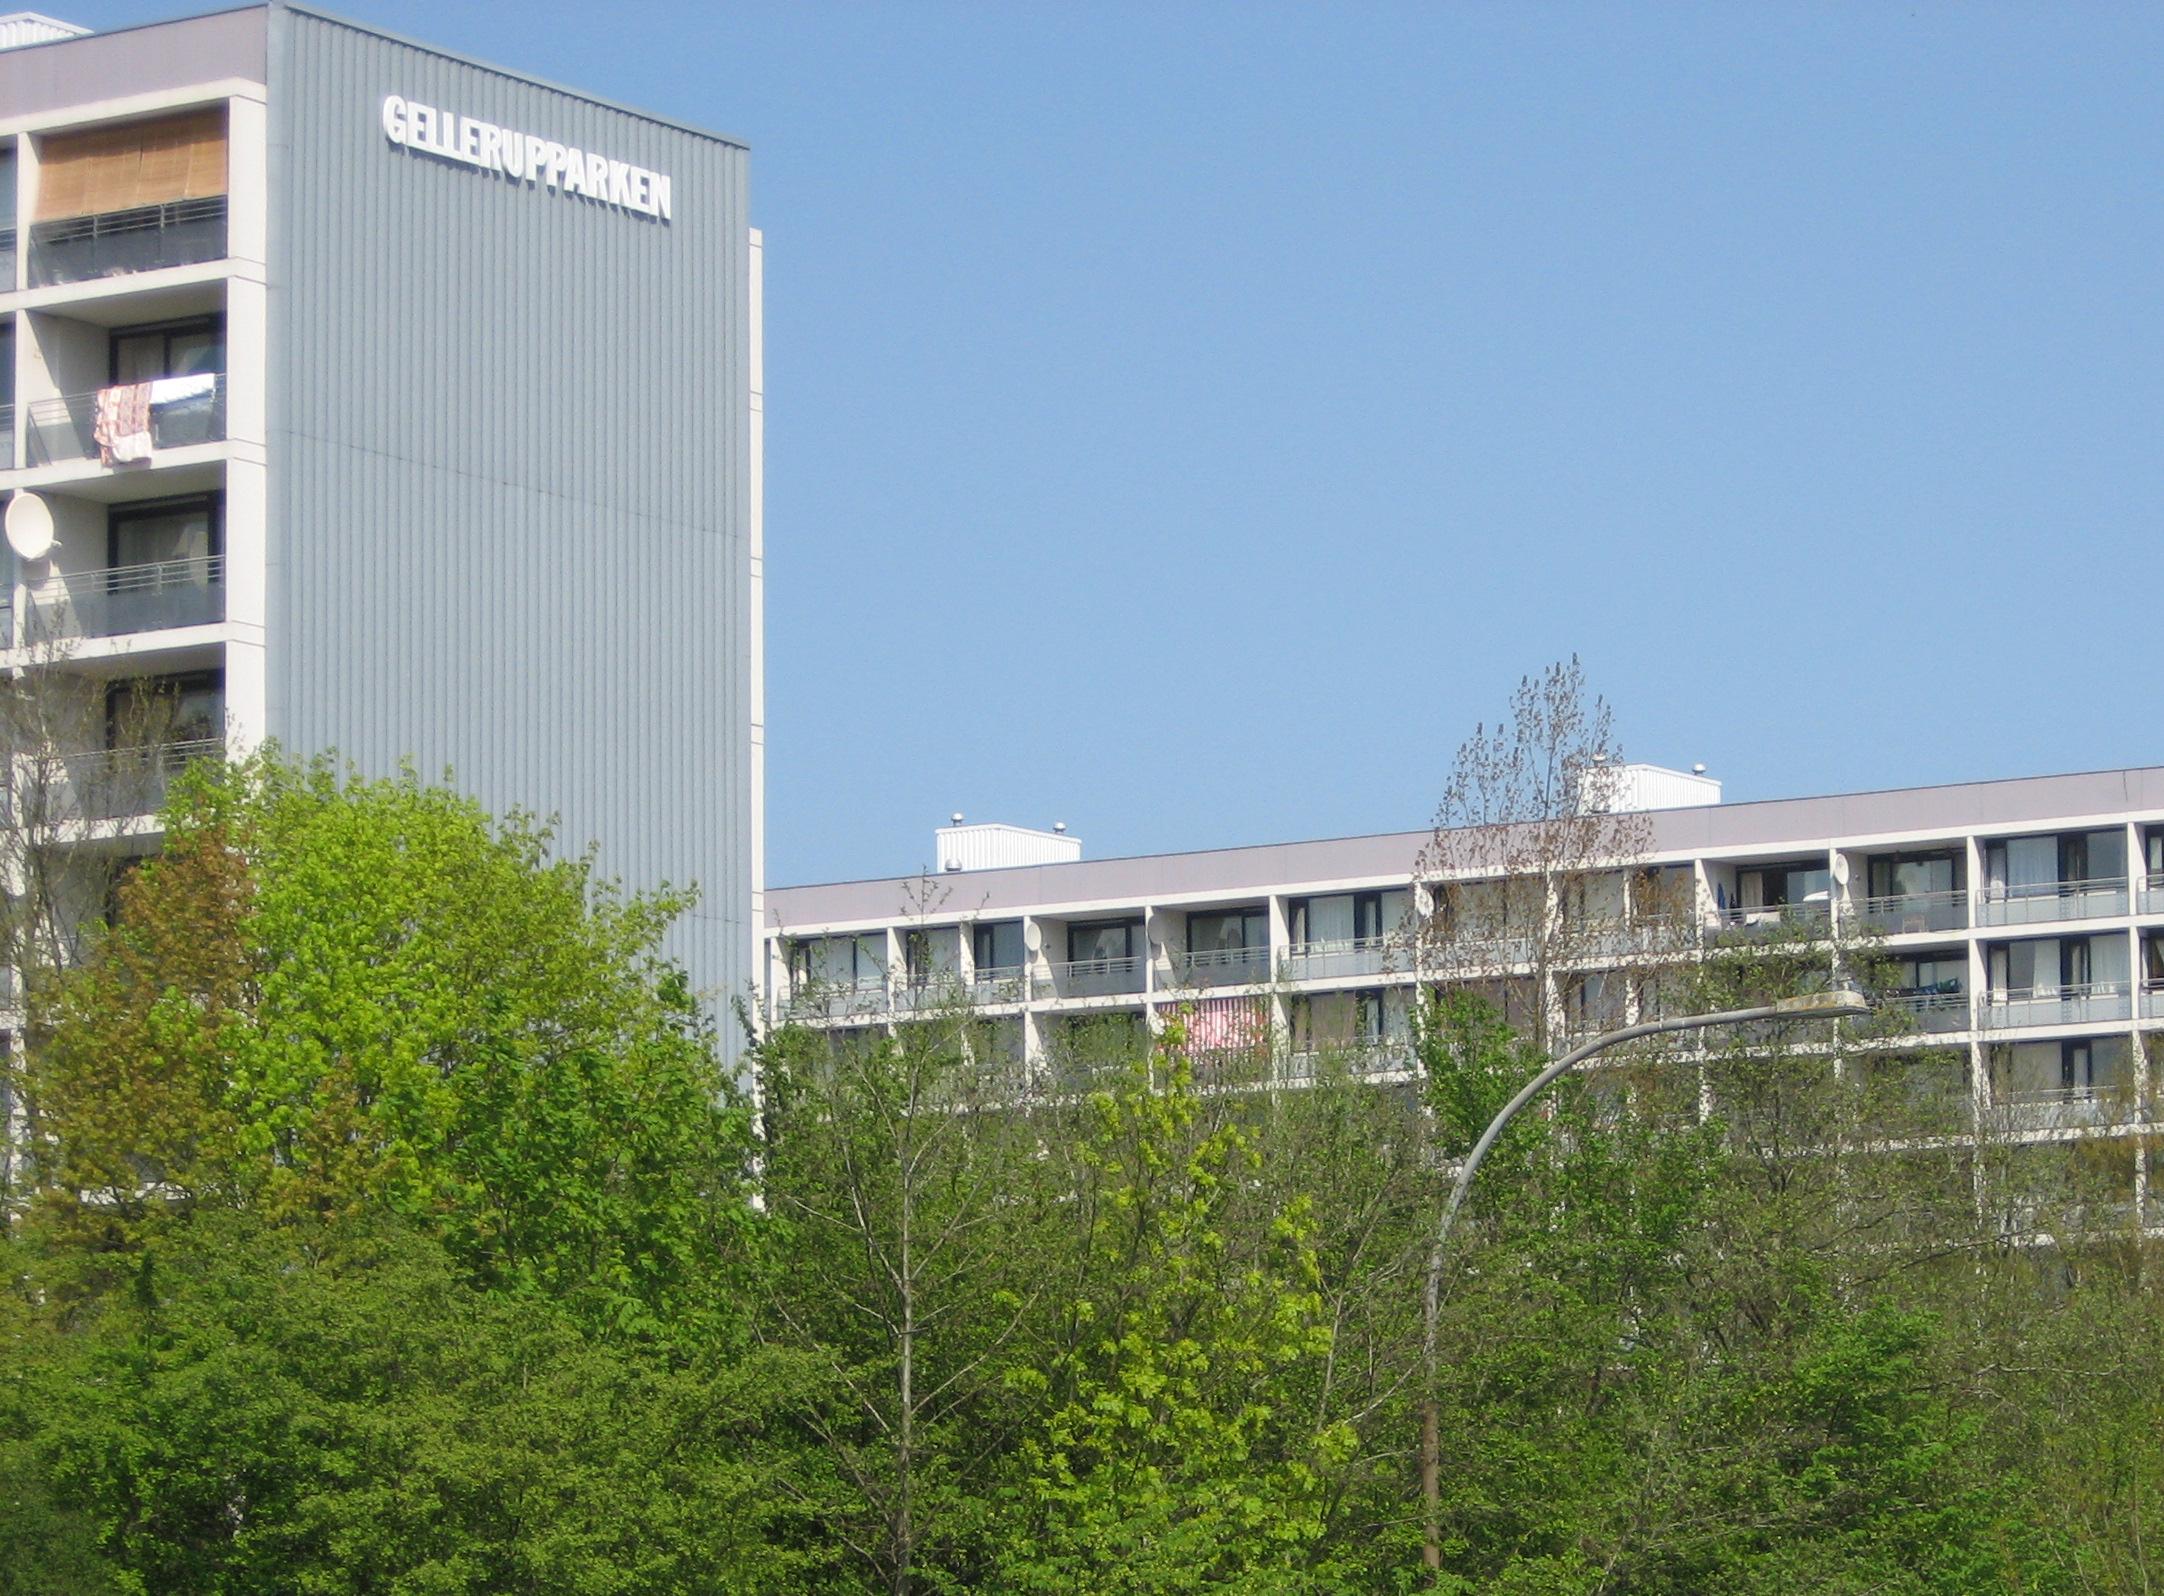 Gellerup Wikipedia